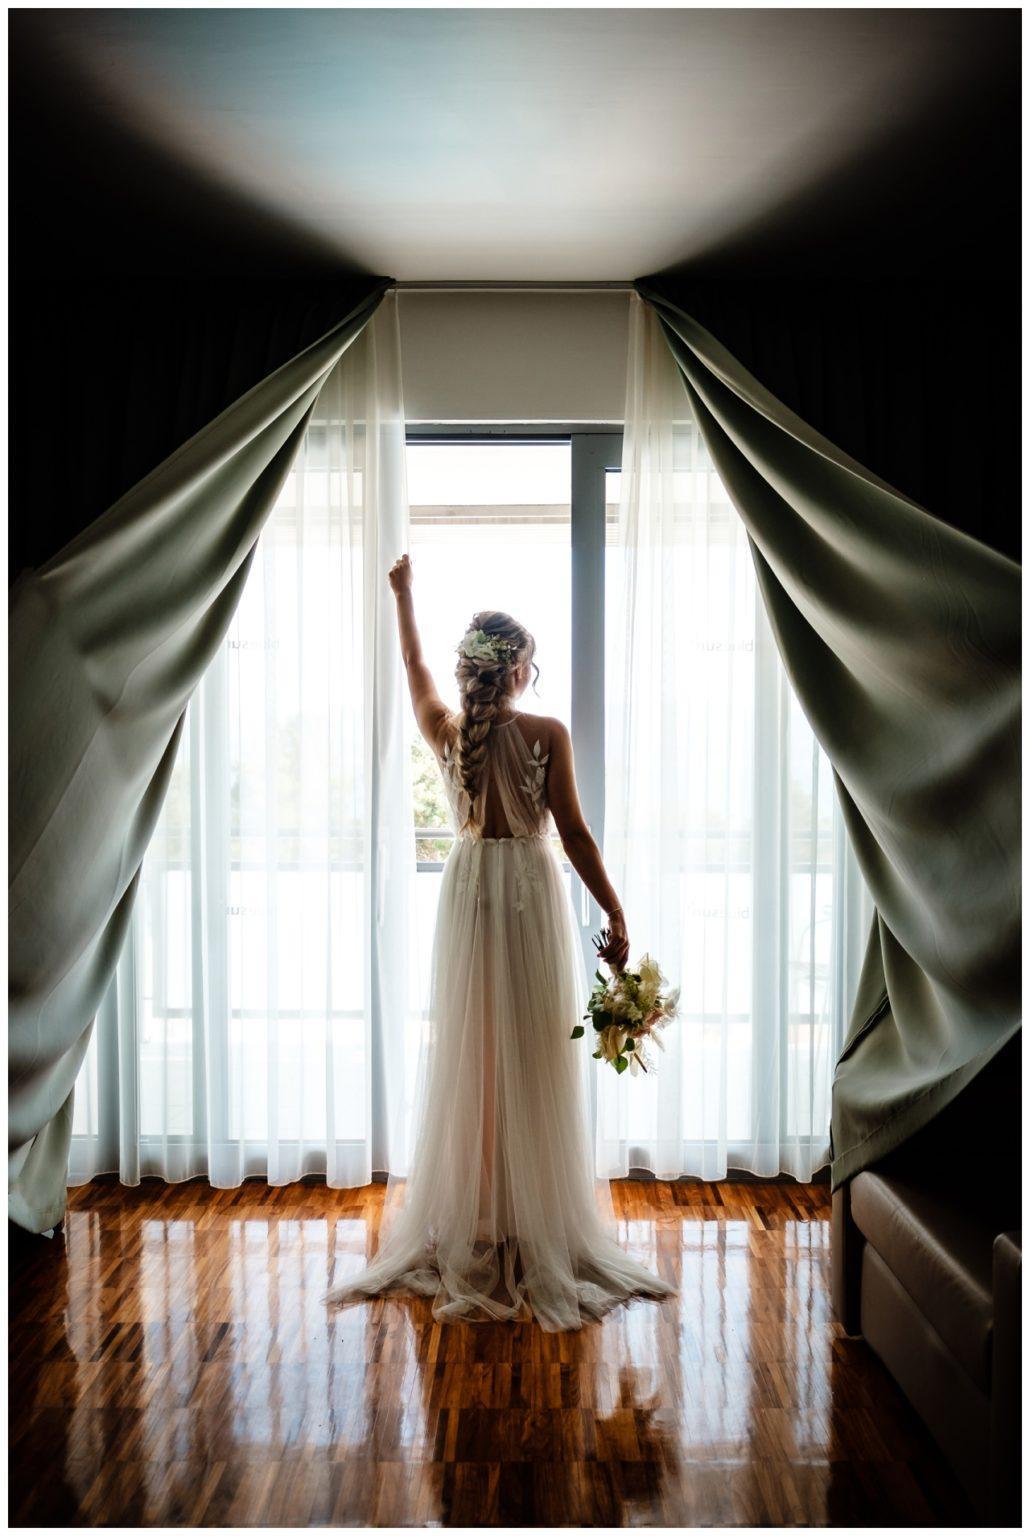 hochzeit brac inse boho heiraten kroatien hochzeitsplaner 11 - Glam Boho Hochzeit auf der Insel Brač